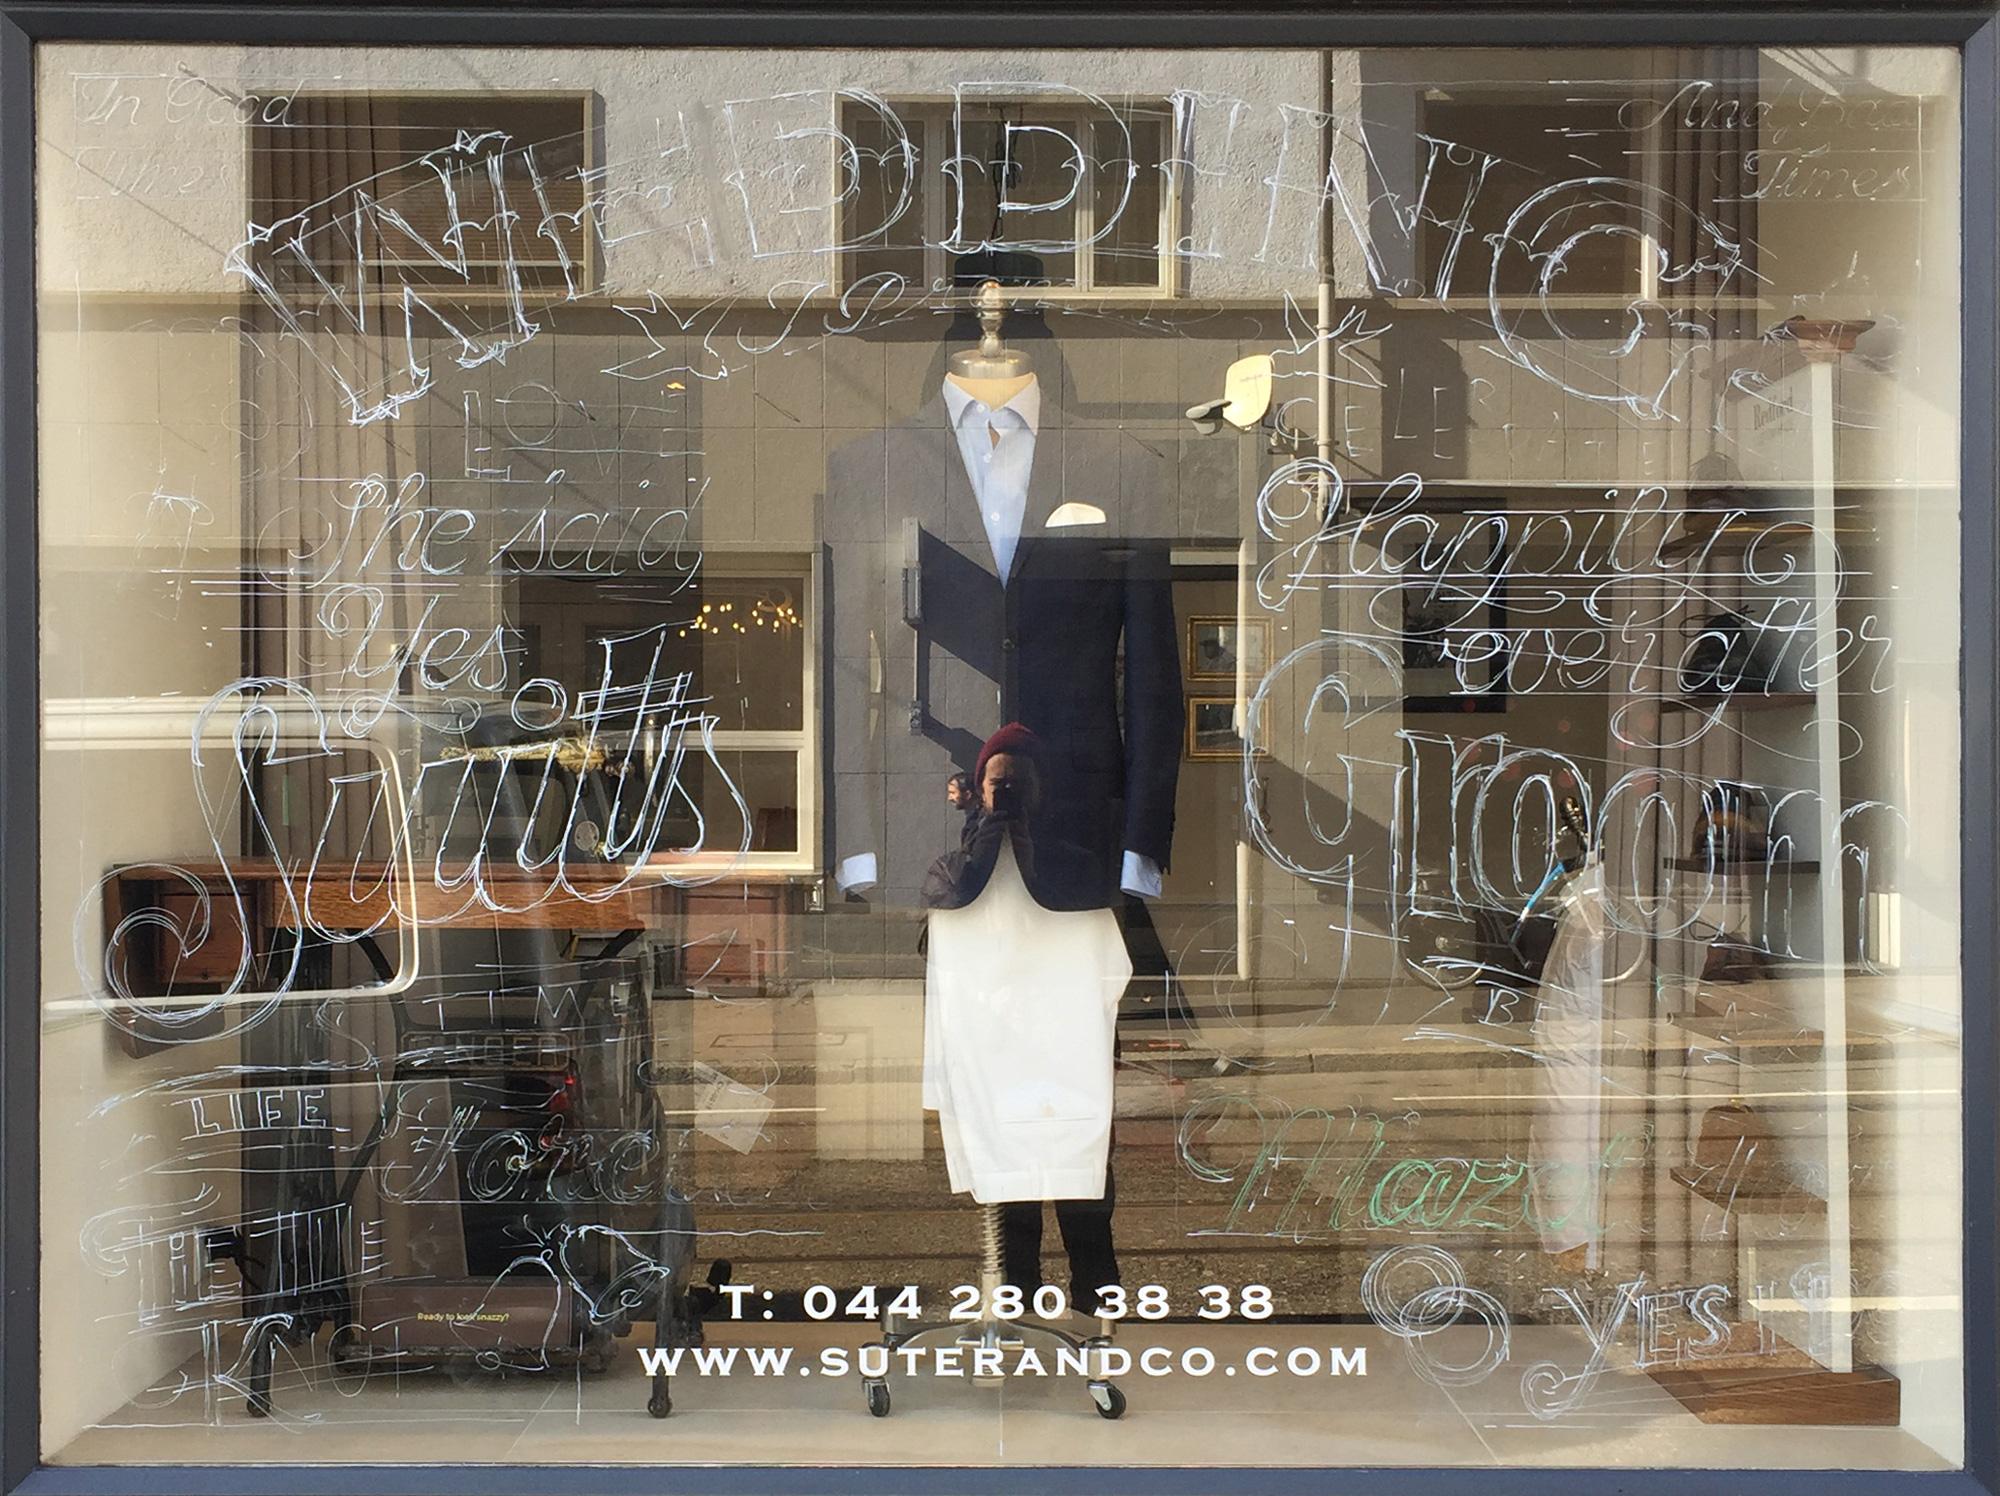 Suits, Wedding, Groom, Suter & Co., Kreidetafel, Schriftenmalerei, Wandbeschriftung, hand gemalt, Tafelbeschriftung, Tafelmaler, sign painting, Zürich, Mathias Truniger, hand lettering, type design, Hinterglasvergoldung, reverse glass gilding, gold leaf